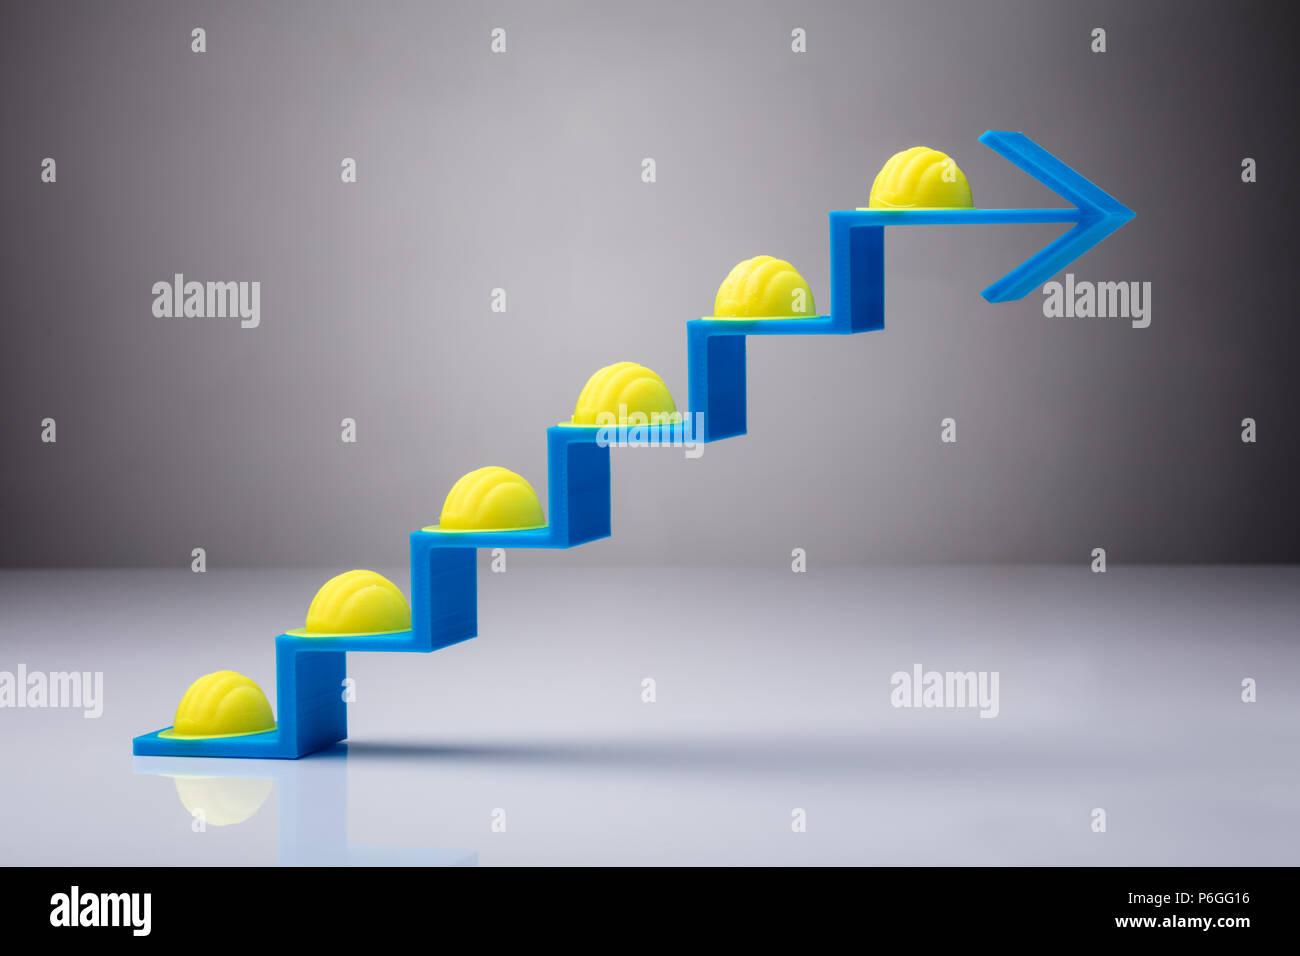 Muchos cascos amarillos en aumentar la flecha azul pasos sobre fondo blanco. Imagen De Stock